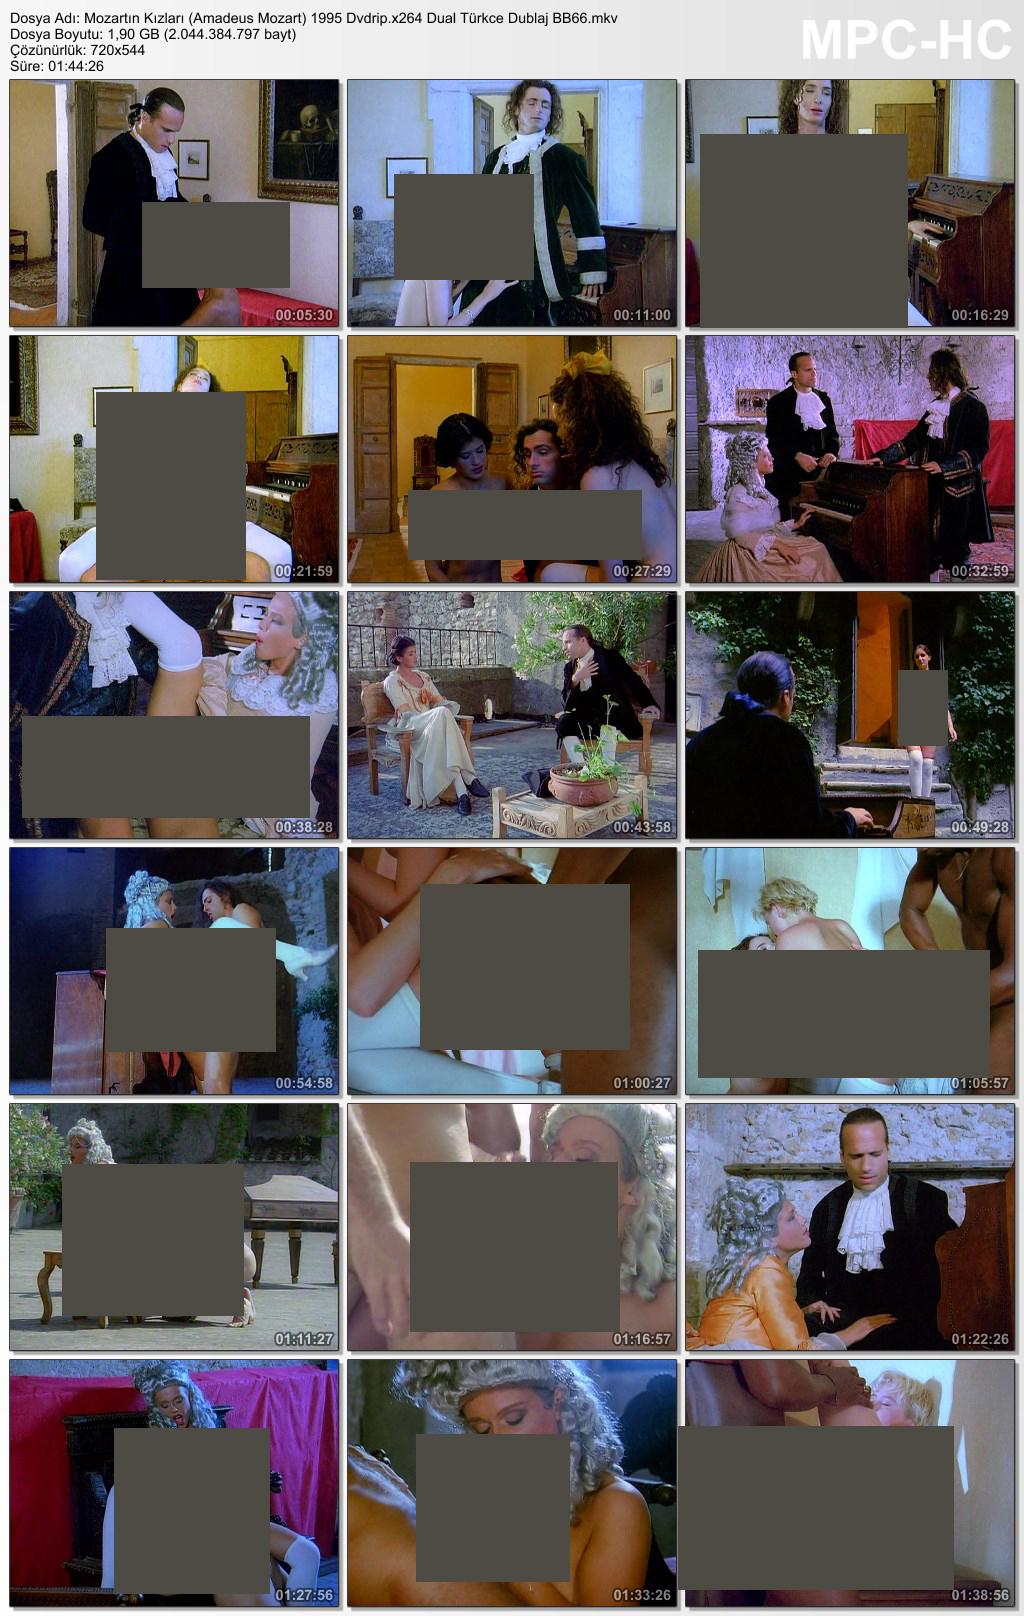 Mozartın Kızları (Amadeus Mozart) 1995 Dvdrip.x264 Dual Türkce Dublaj BB66 - barbarus